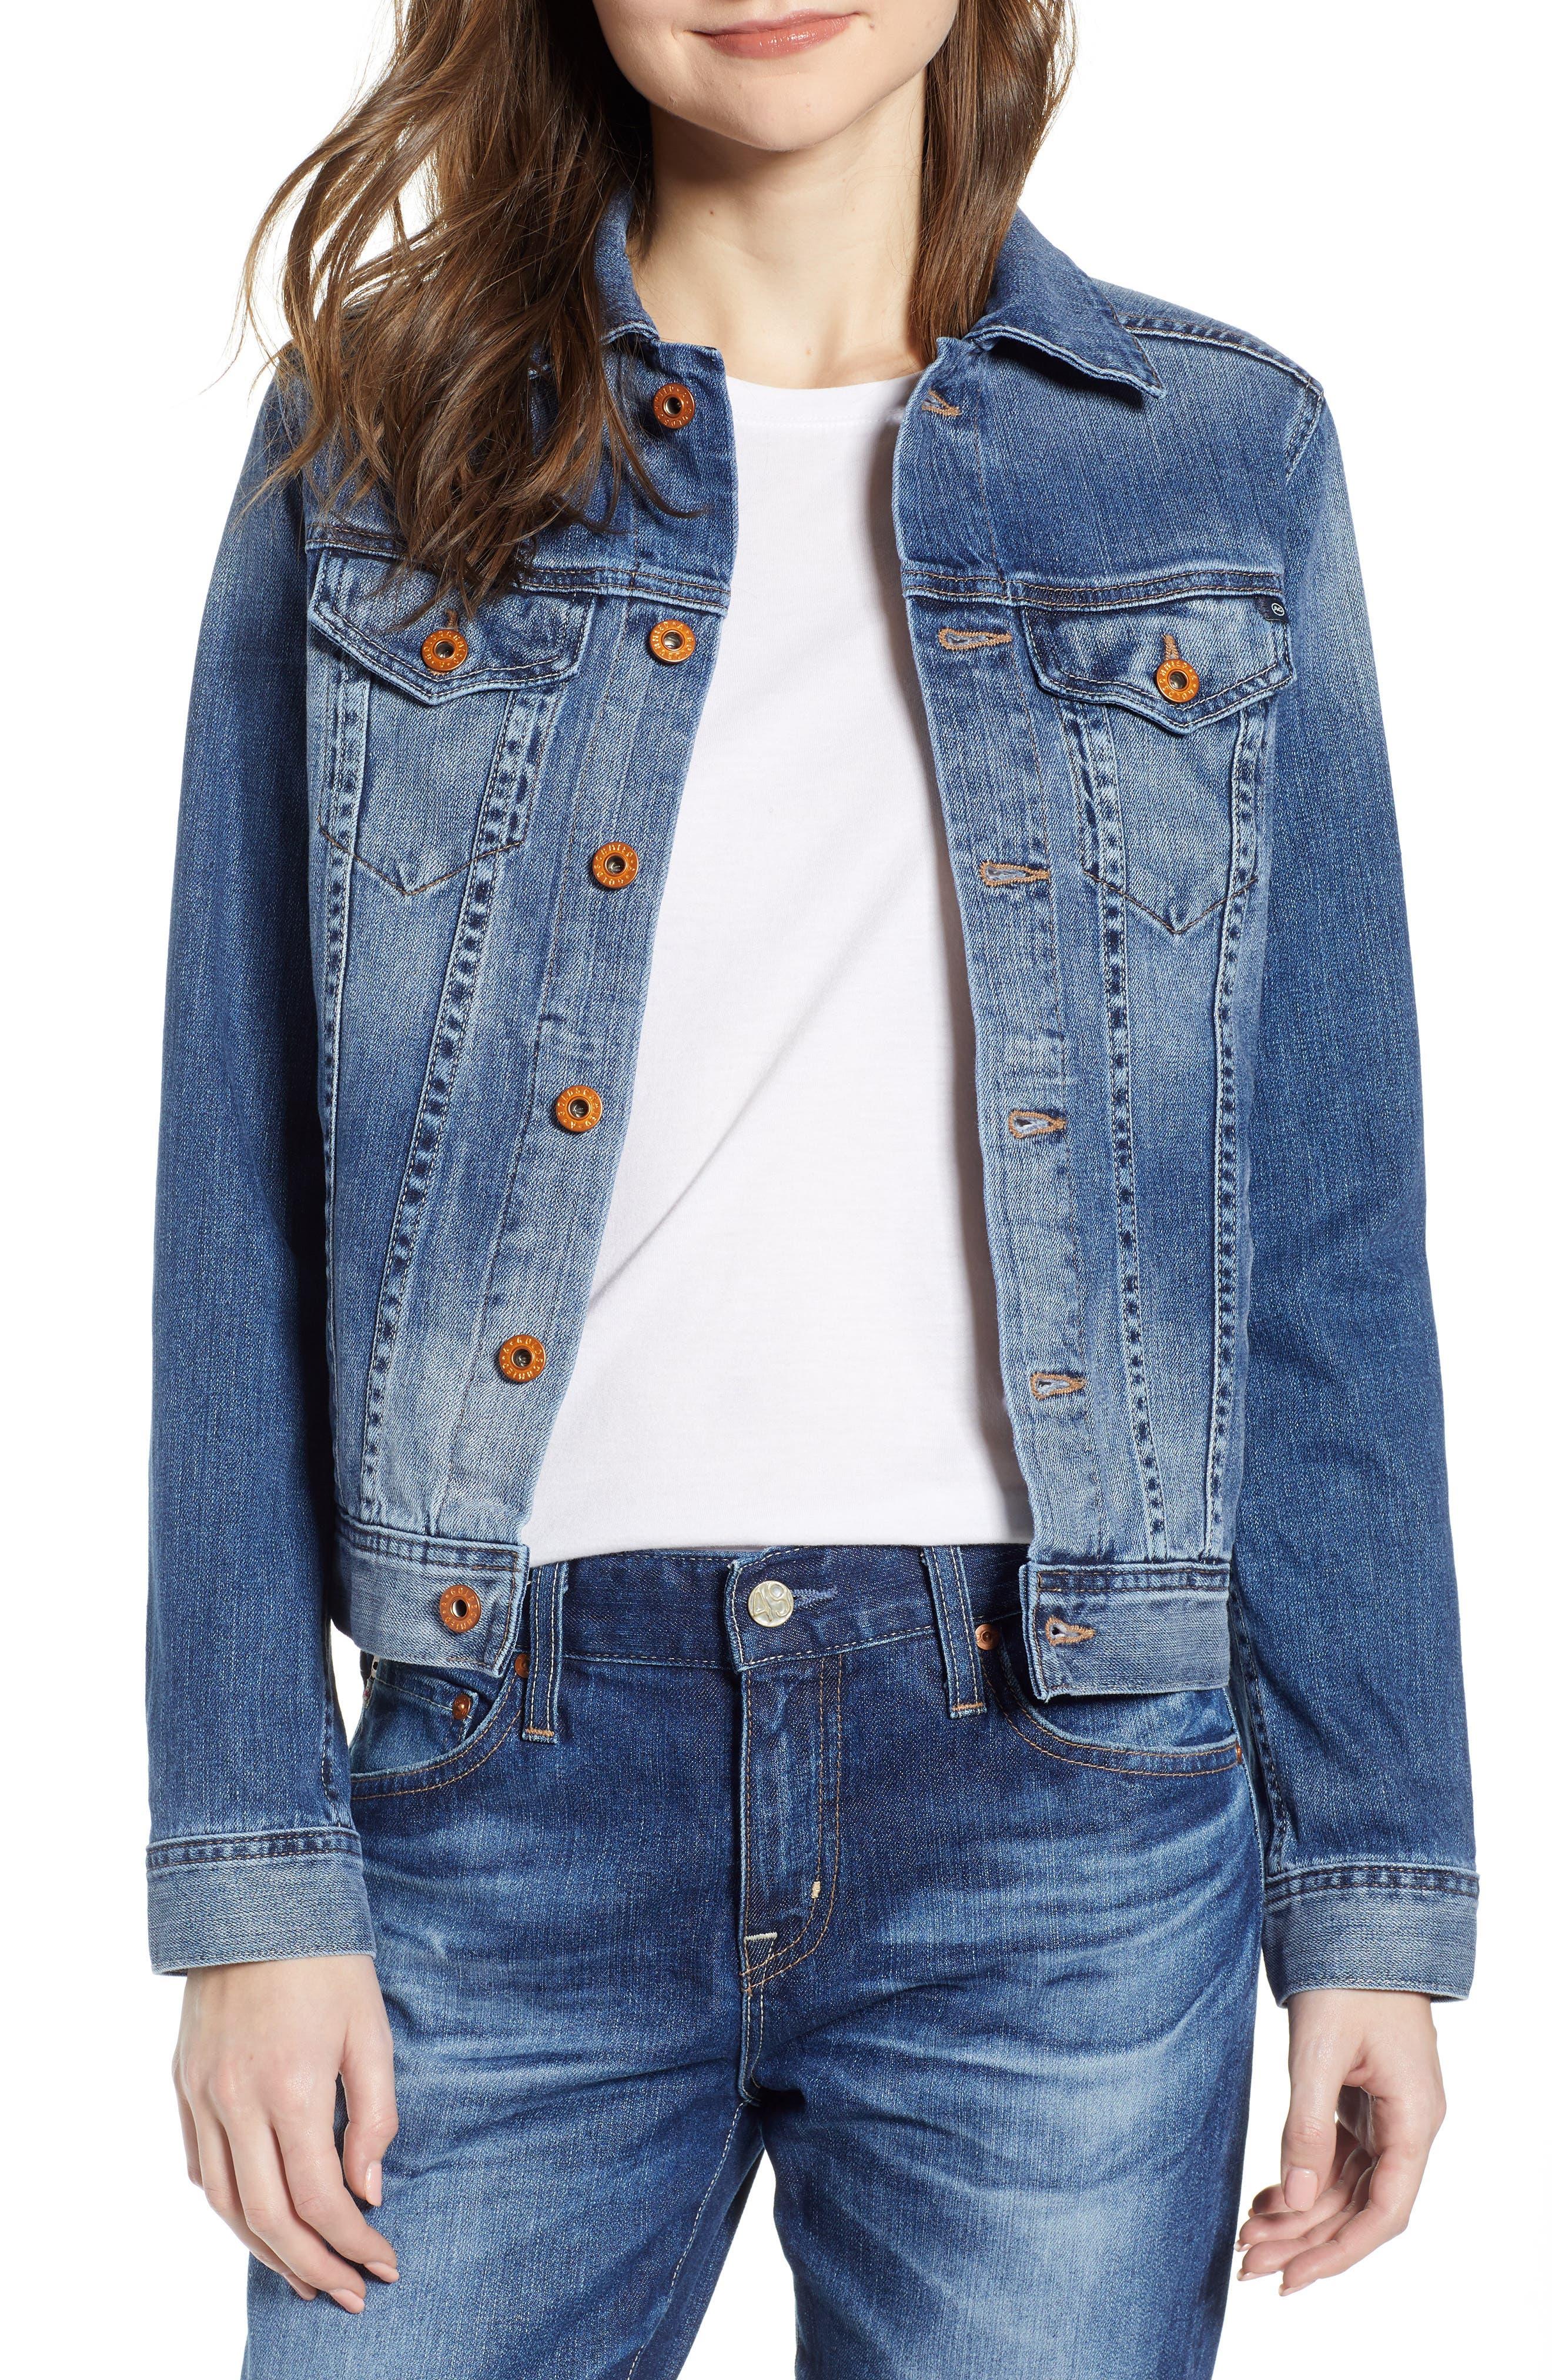 bc6272f238 blue jean jacket